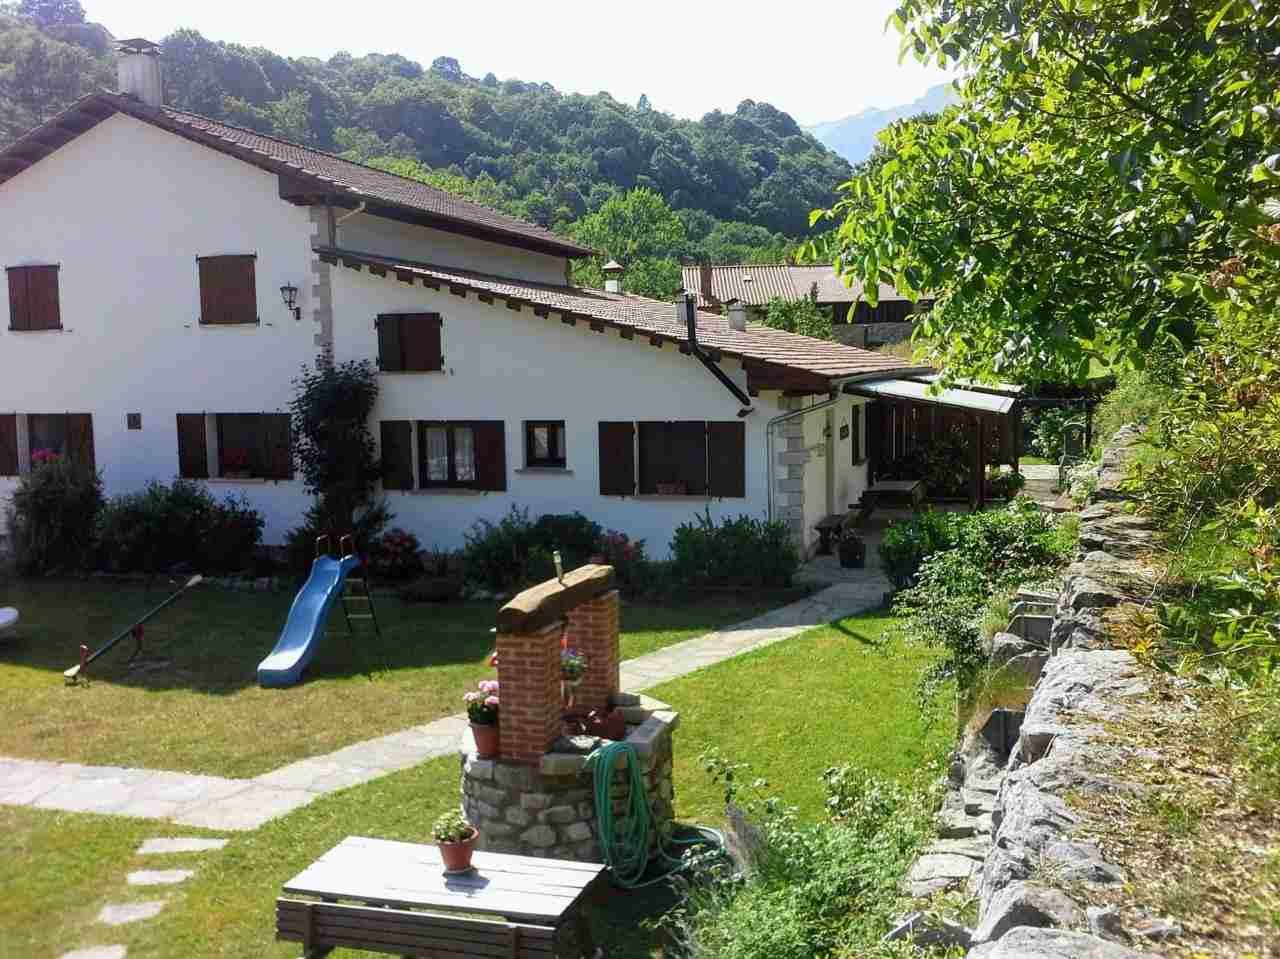 Alquiler apartamento playa Asturias, Asturias